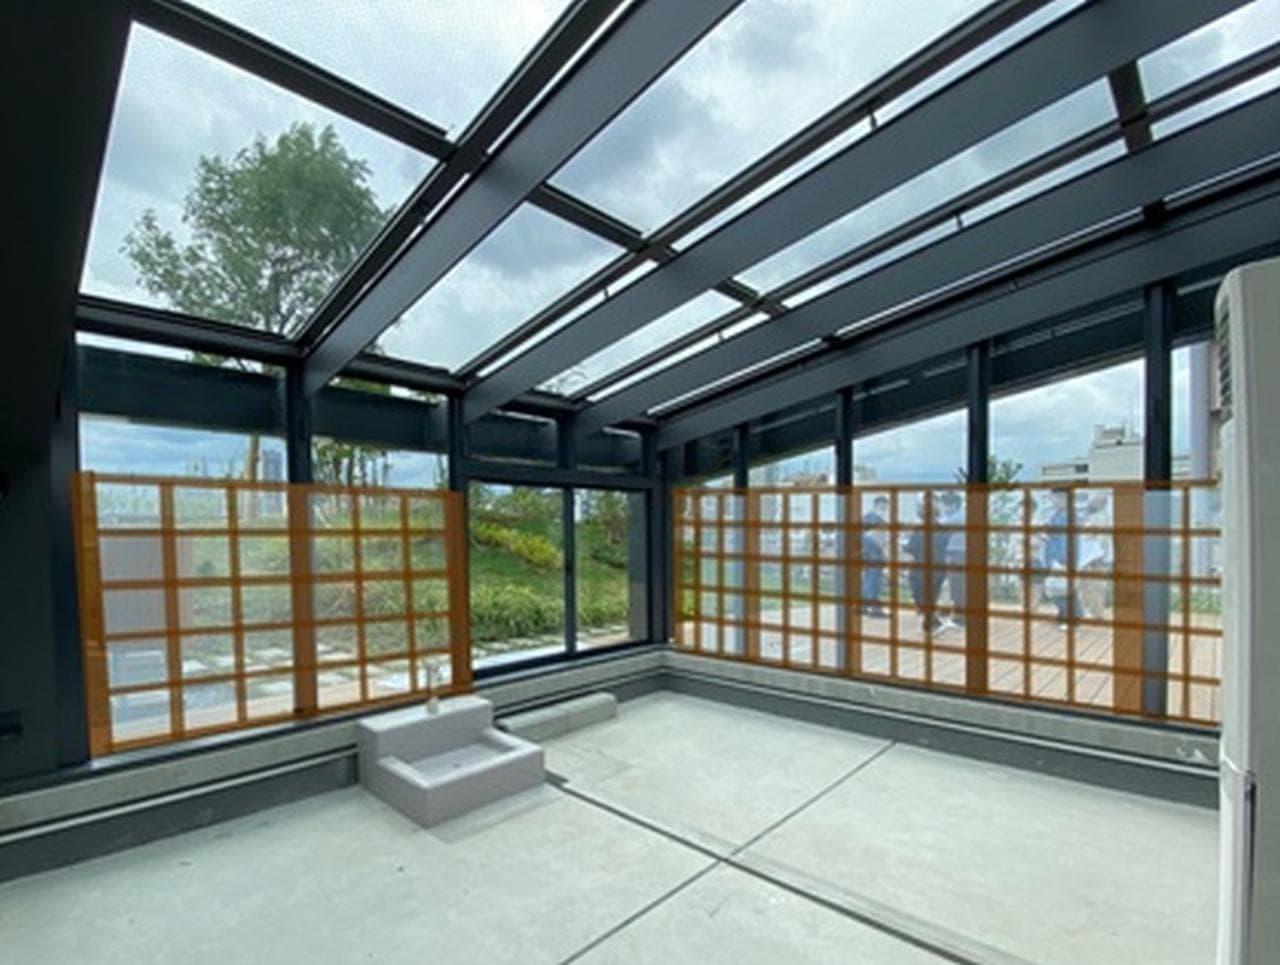 透明なガラスで発電! NTTアドバンステクノロジが「無色透明発電ガラス」を販売開始